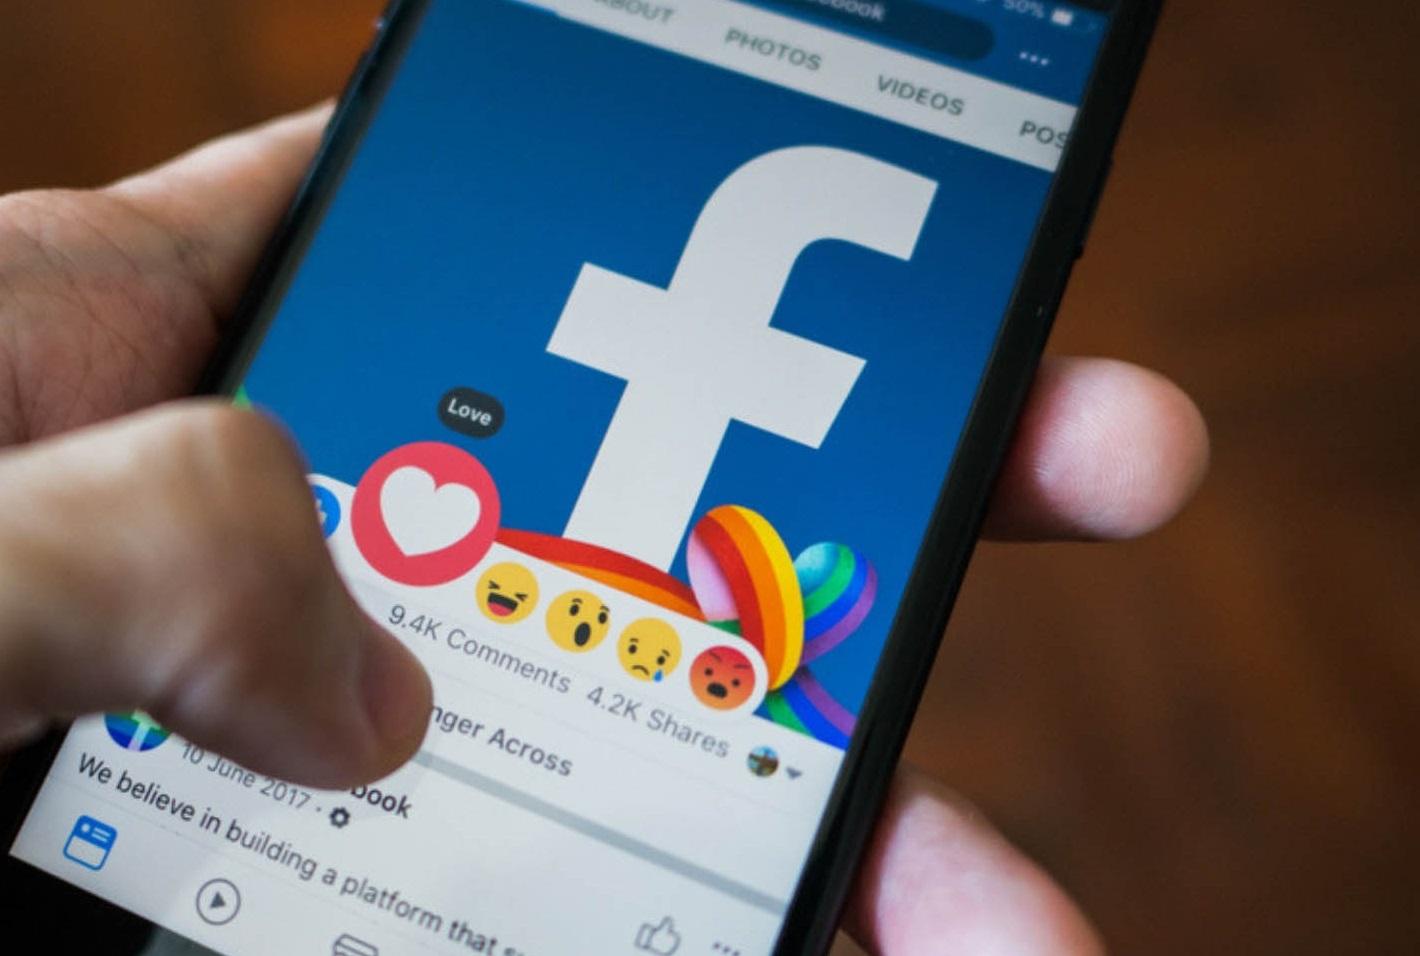 facebook reels ozelligini kullanima aciyor